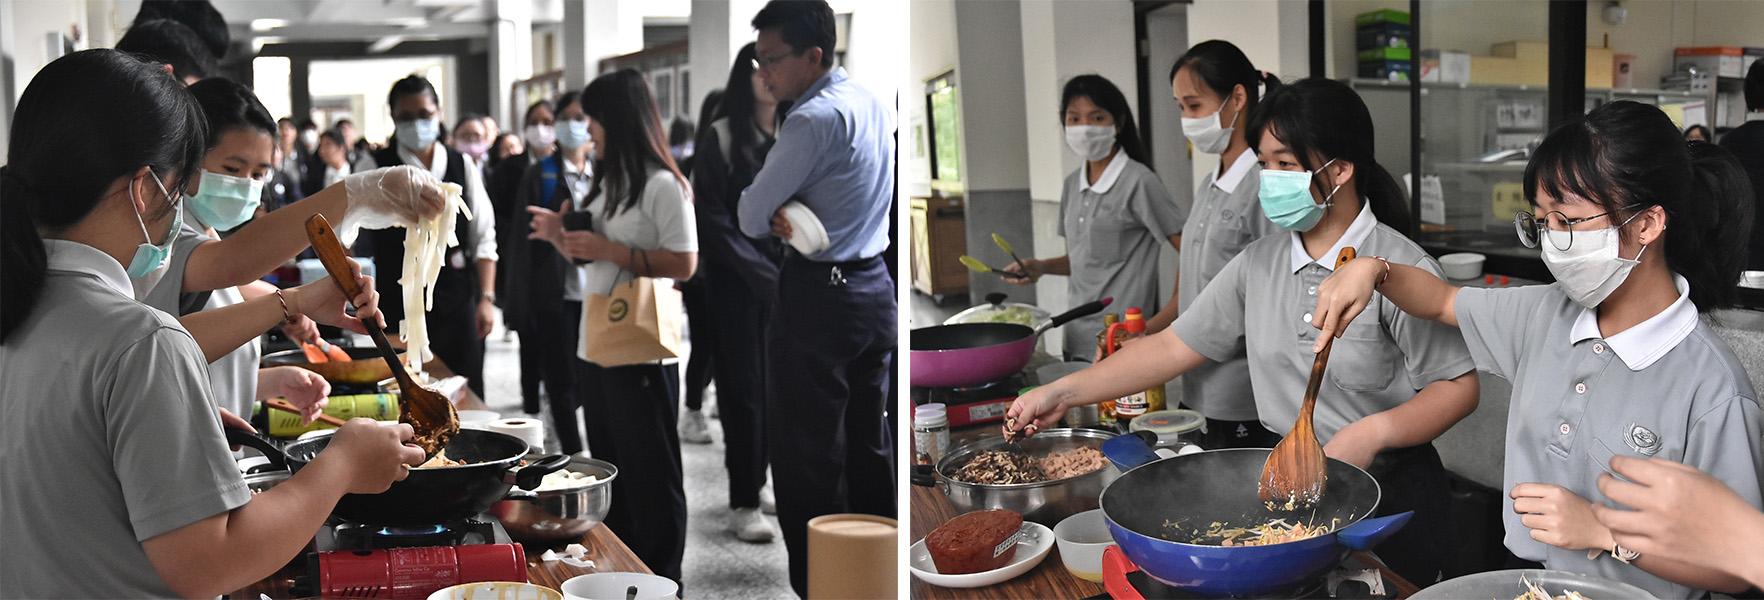 外籍生主動發起異國美食義賣,不少師生用行動支持義賣善舉。